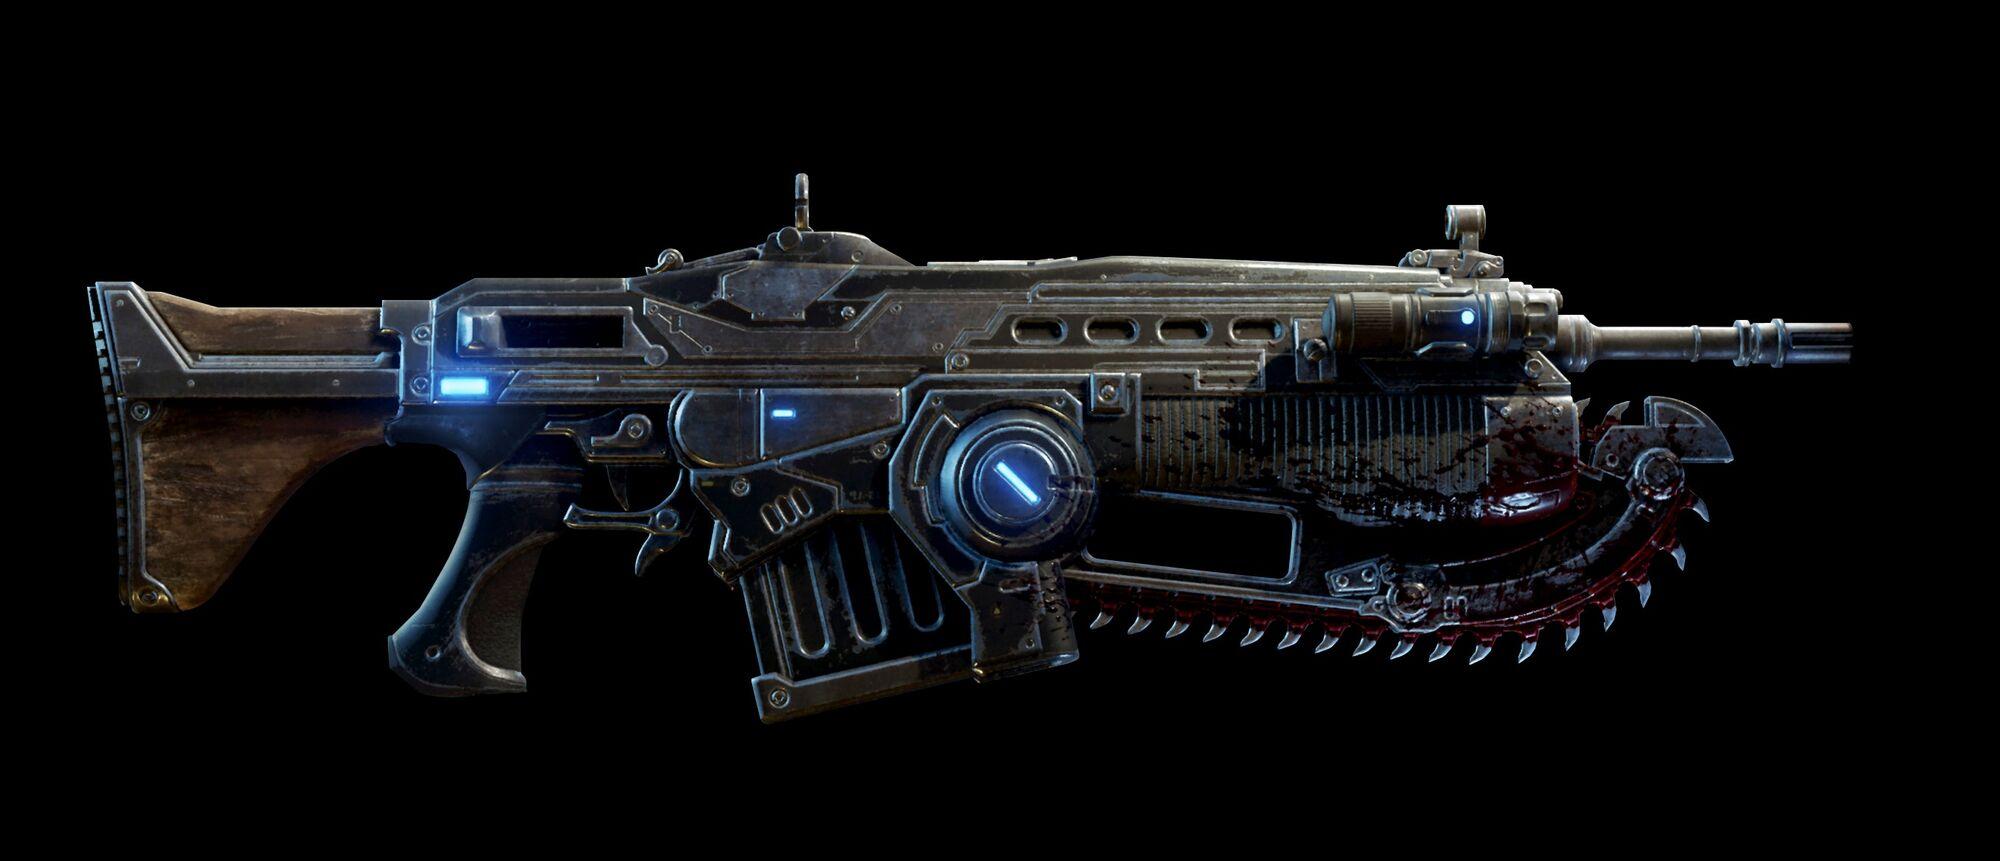 Mark 1 Lancer Assault Rifle | Gears of War | Fandom powered by Wikia